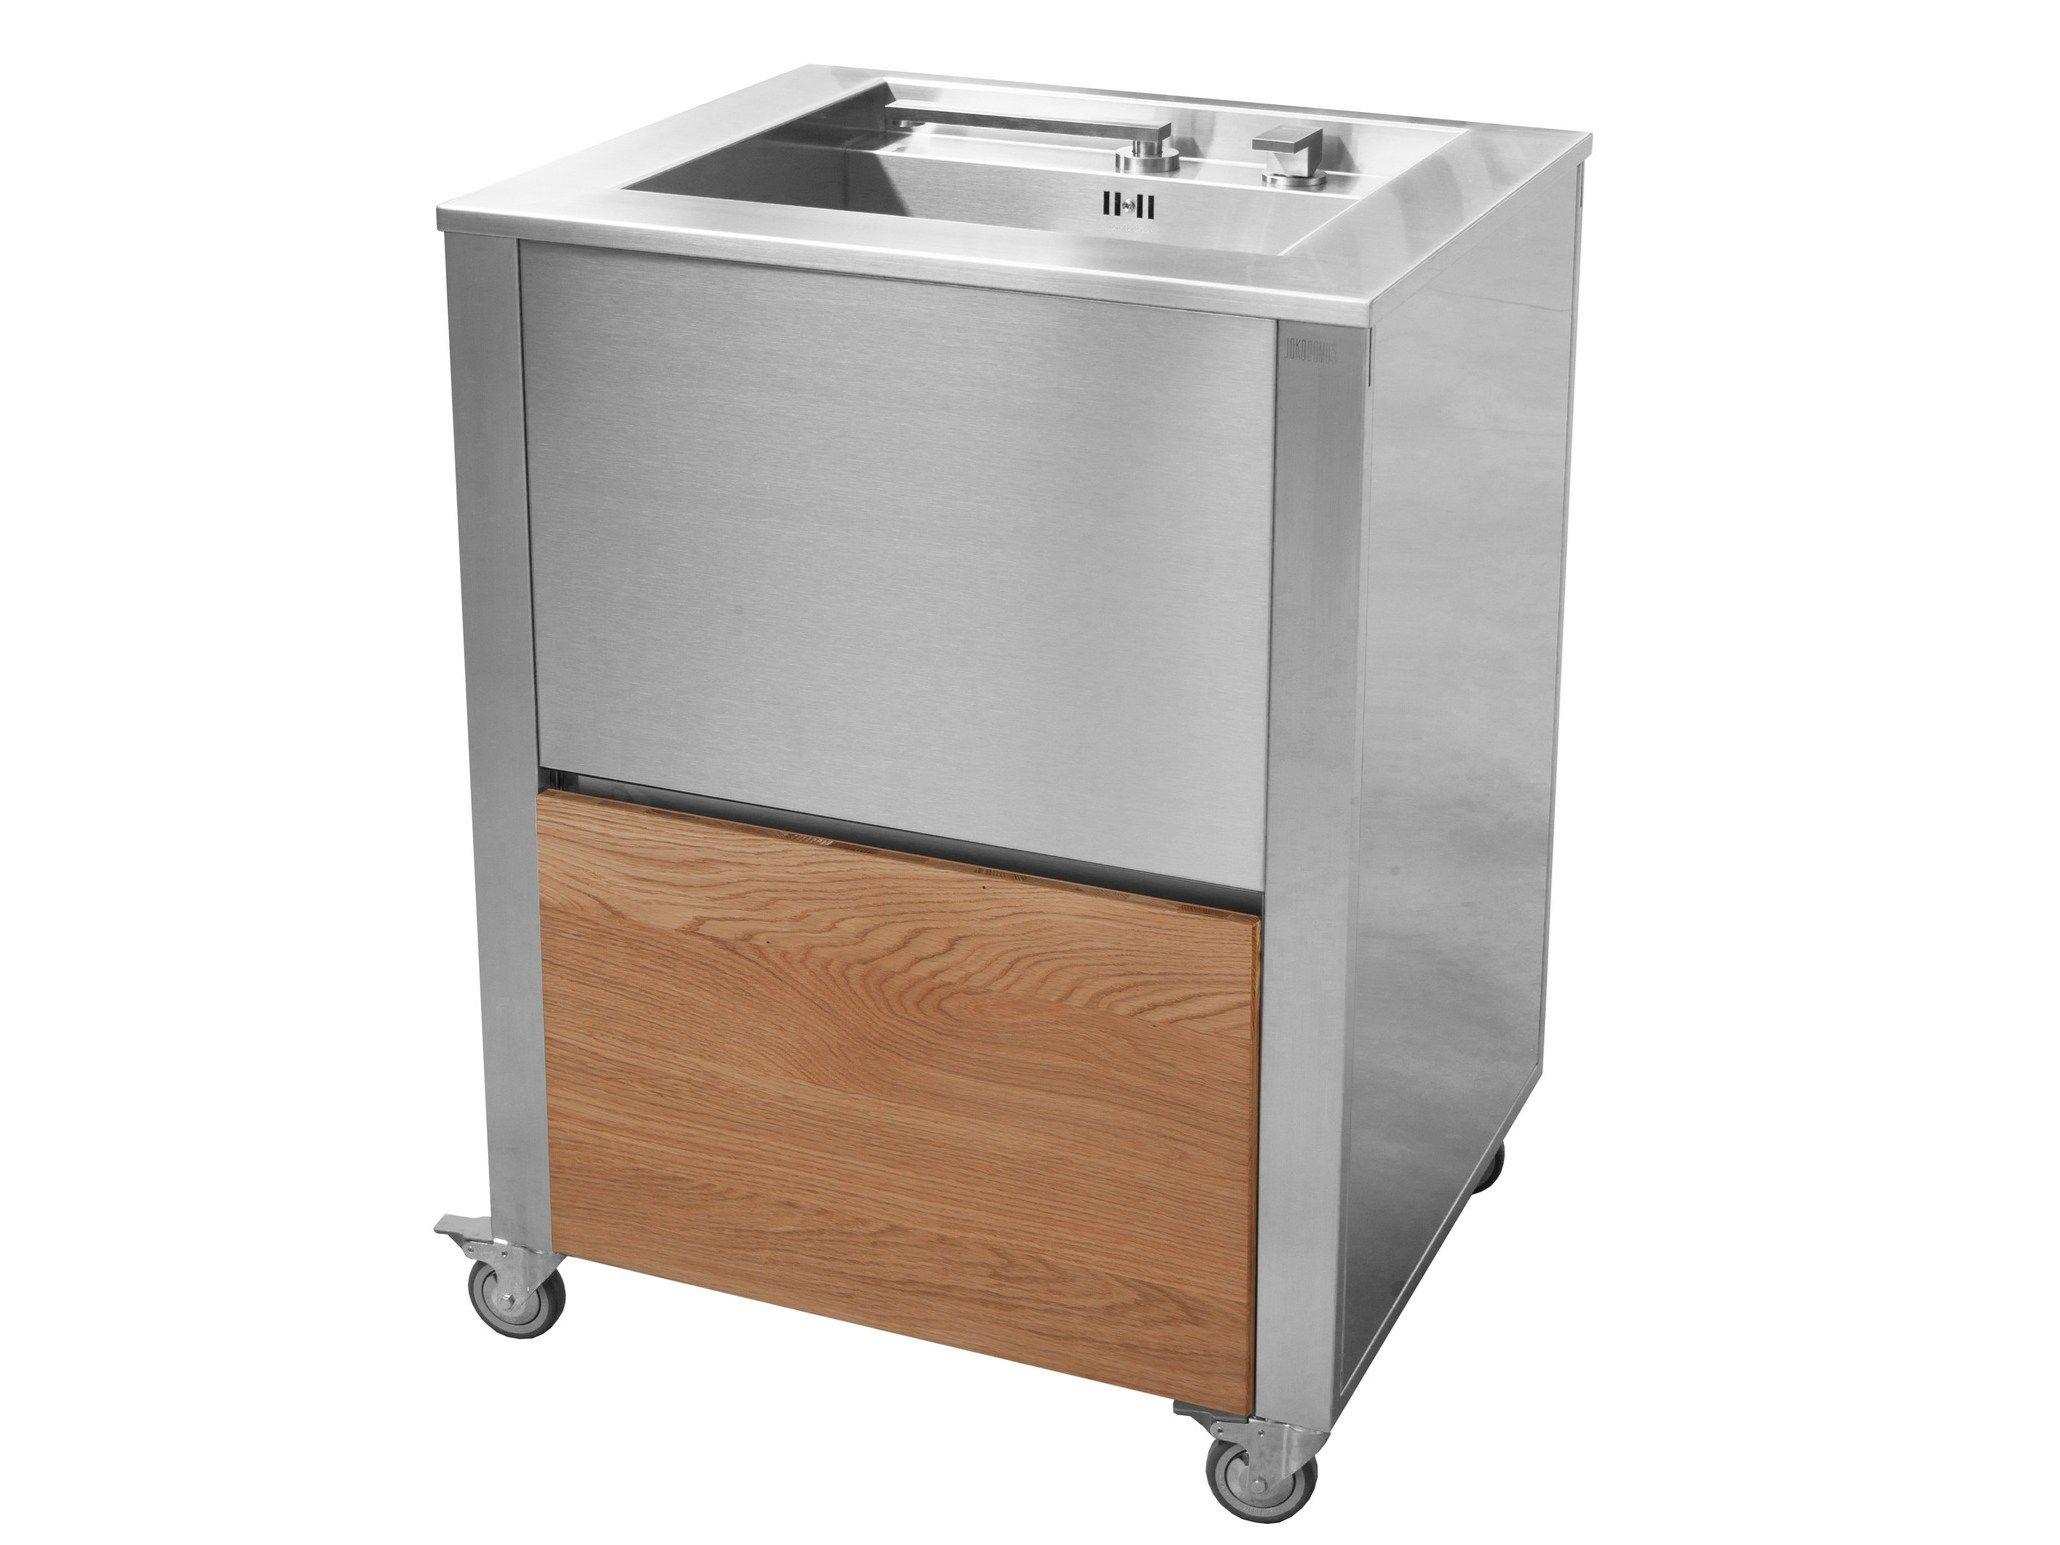 Blanco zerox 700 u stainless steel undermount sink - Blanco Zerox 700 U Stainless Steel Undermount Sink 15